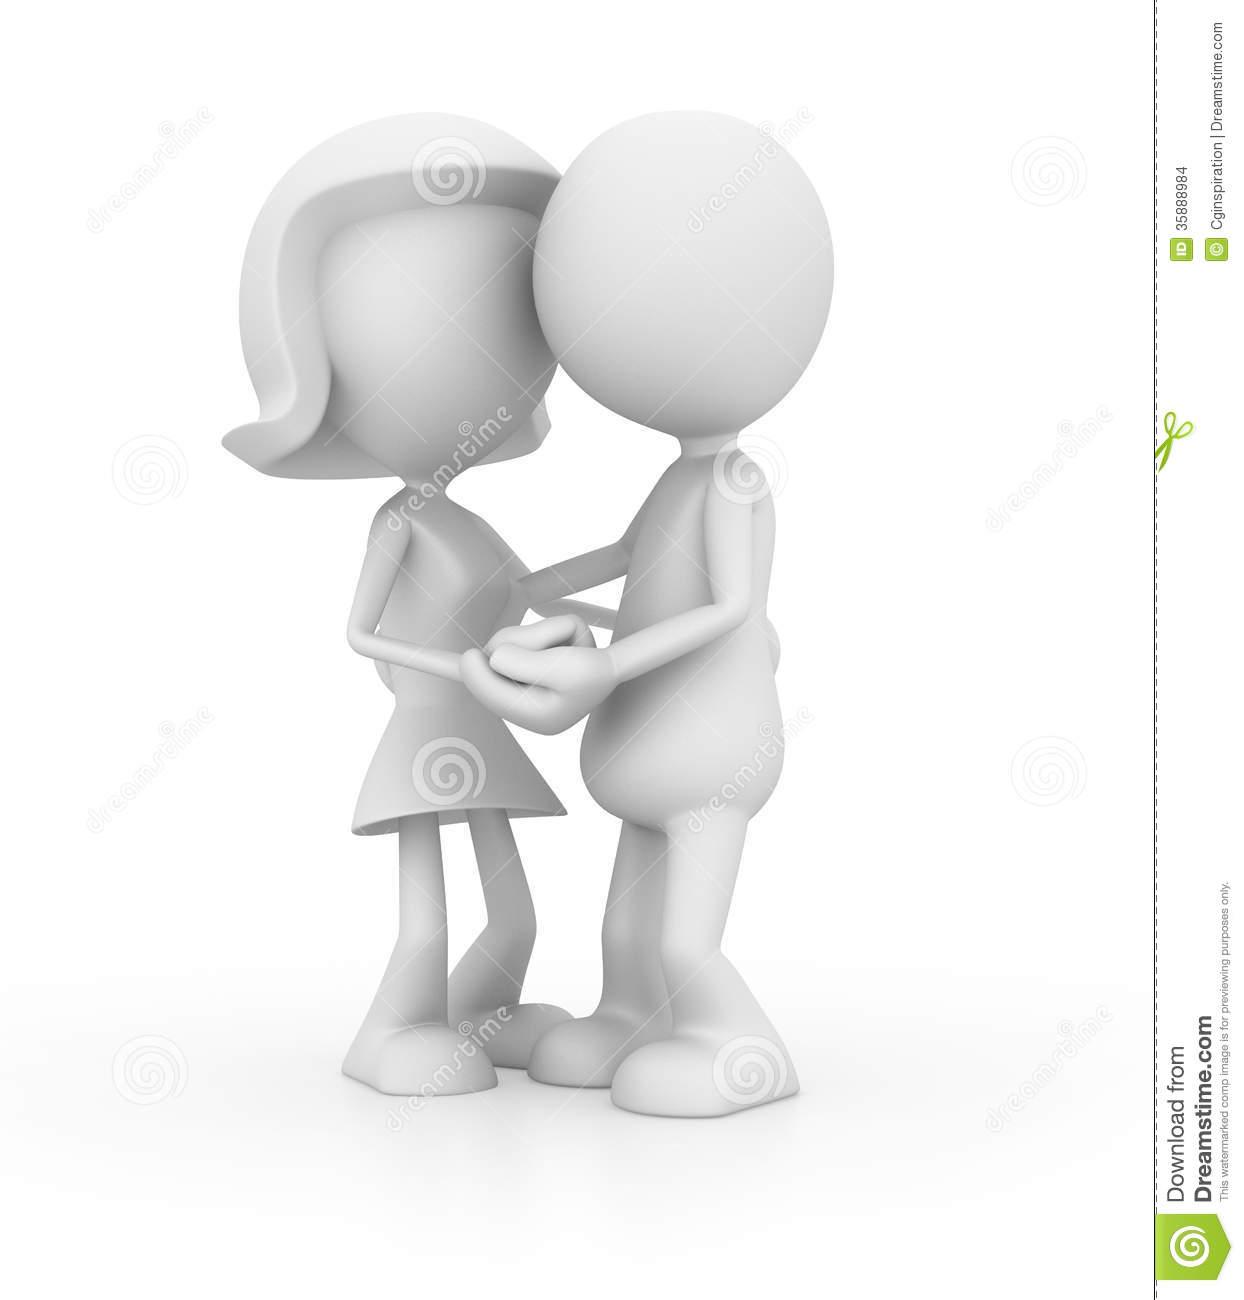 Couple clipart romantic couple Couple 3d Romantic  clipart